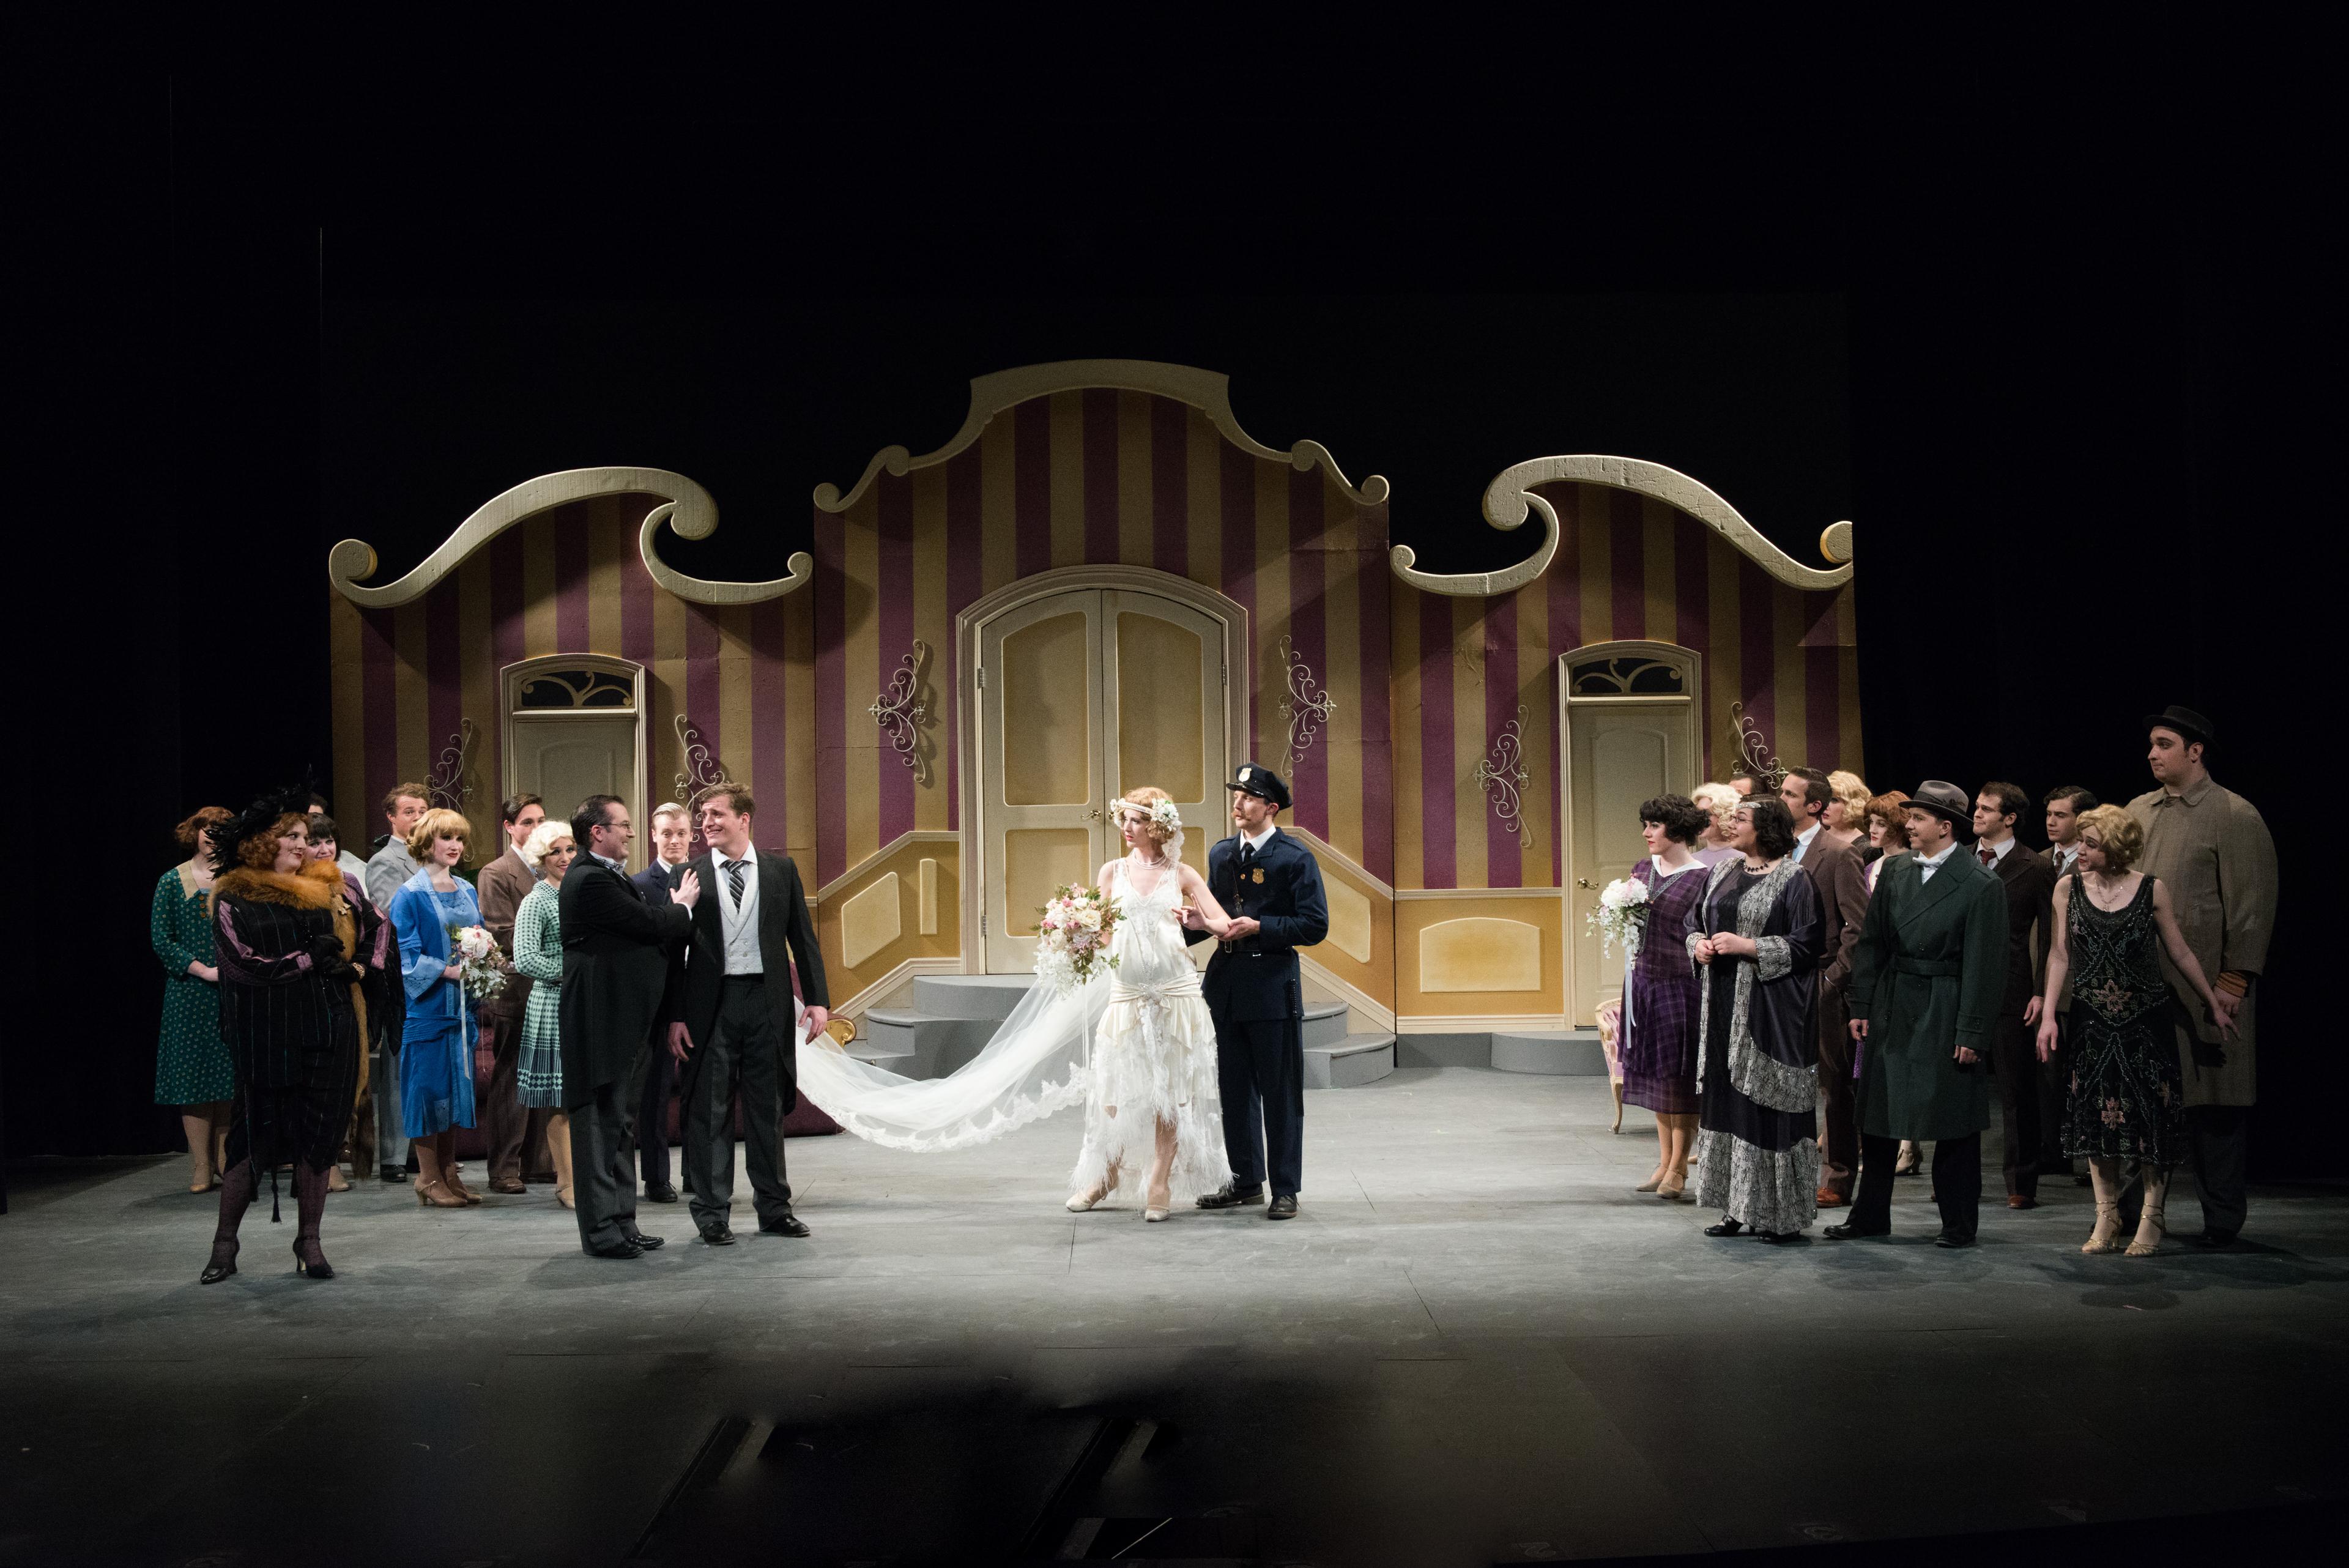 Eileen Wedding Dress